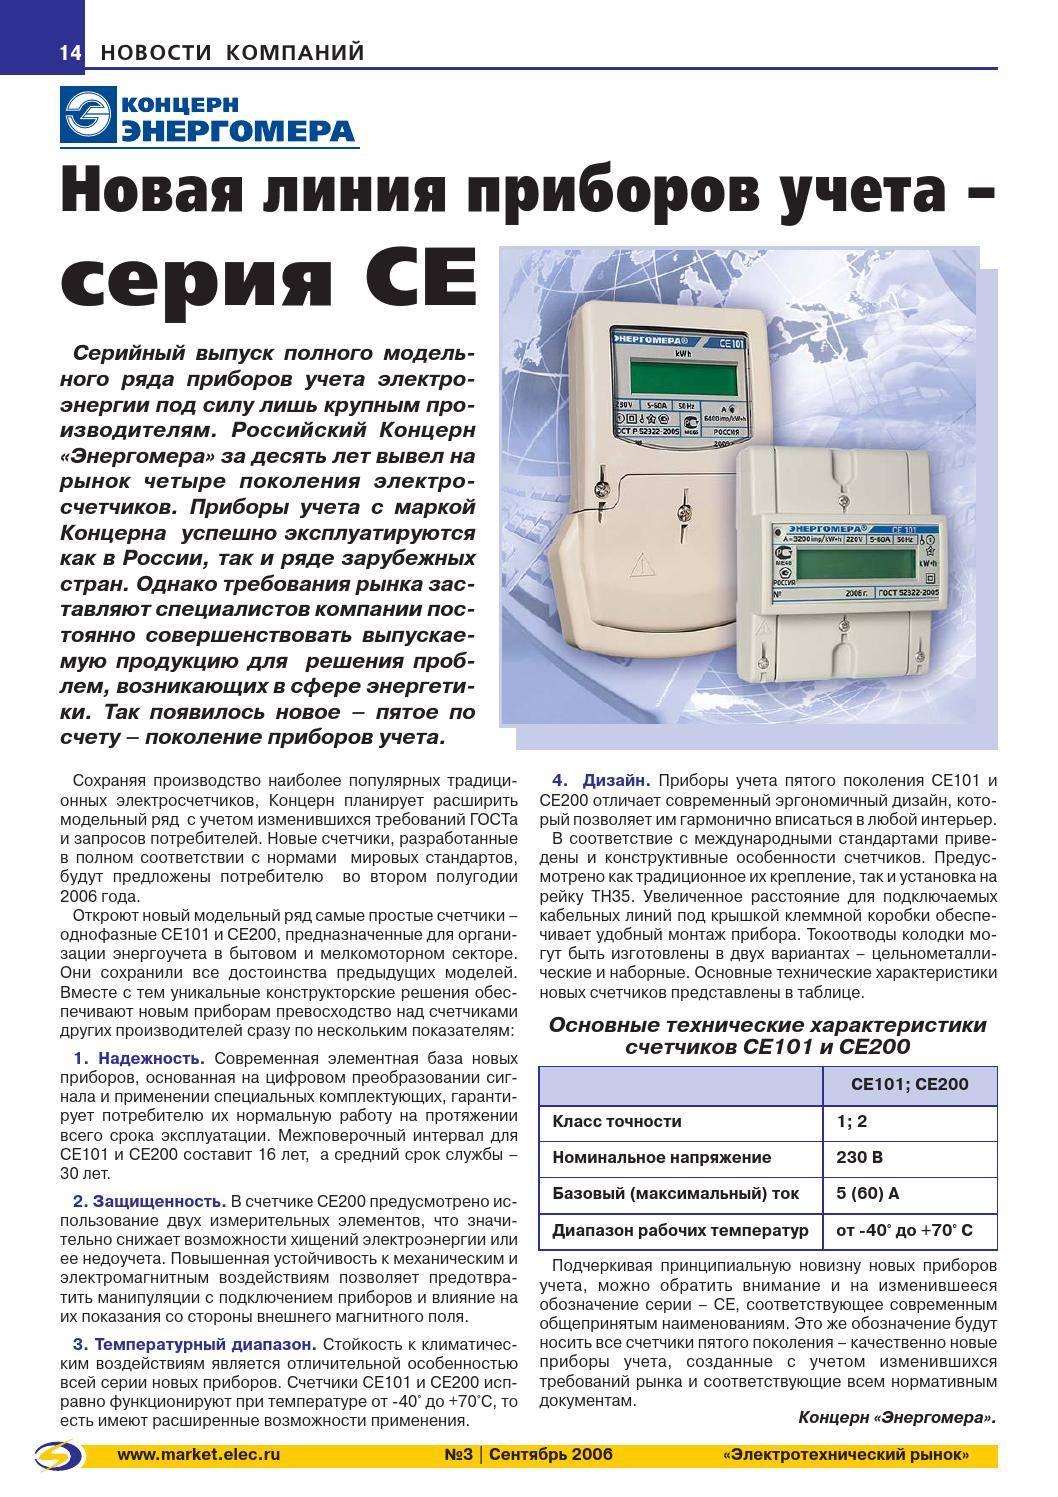 Тесты электросчетчиков российского производства